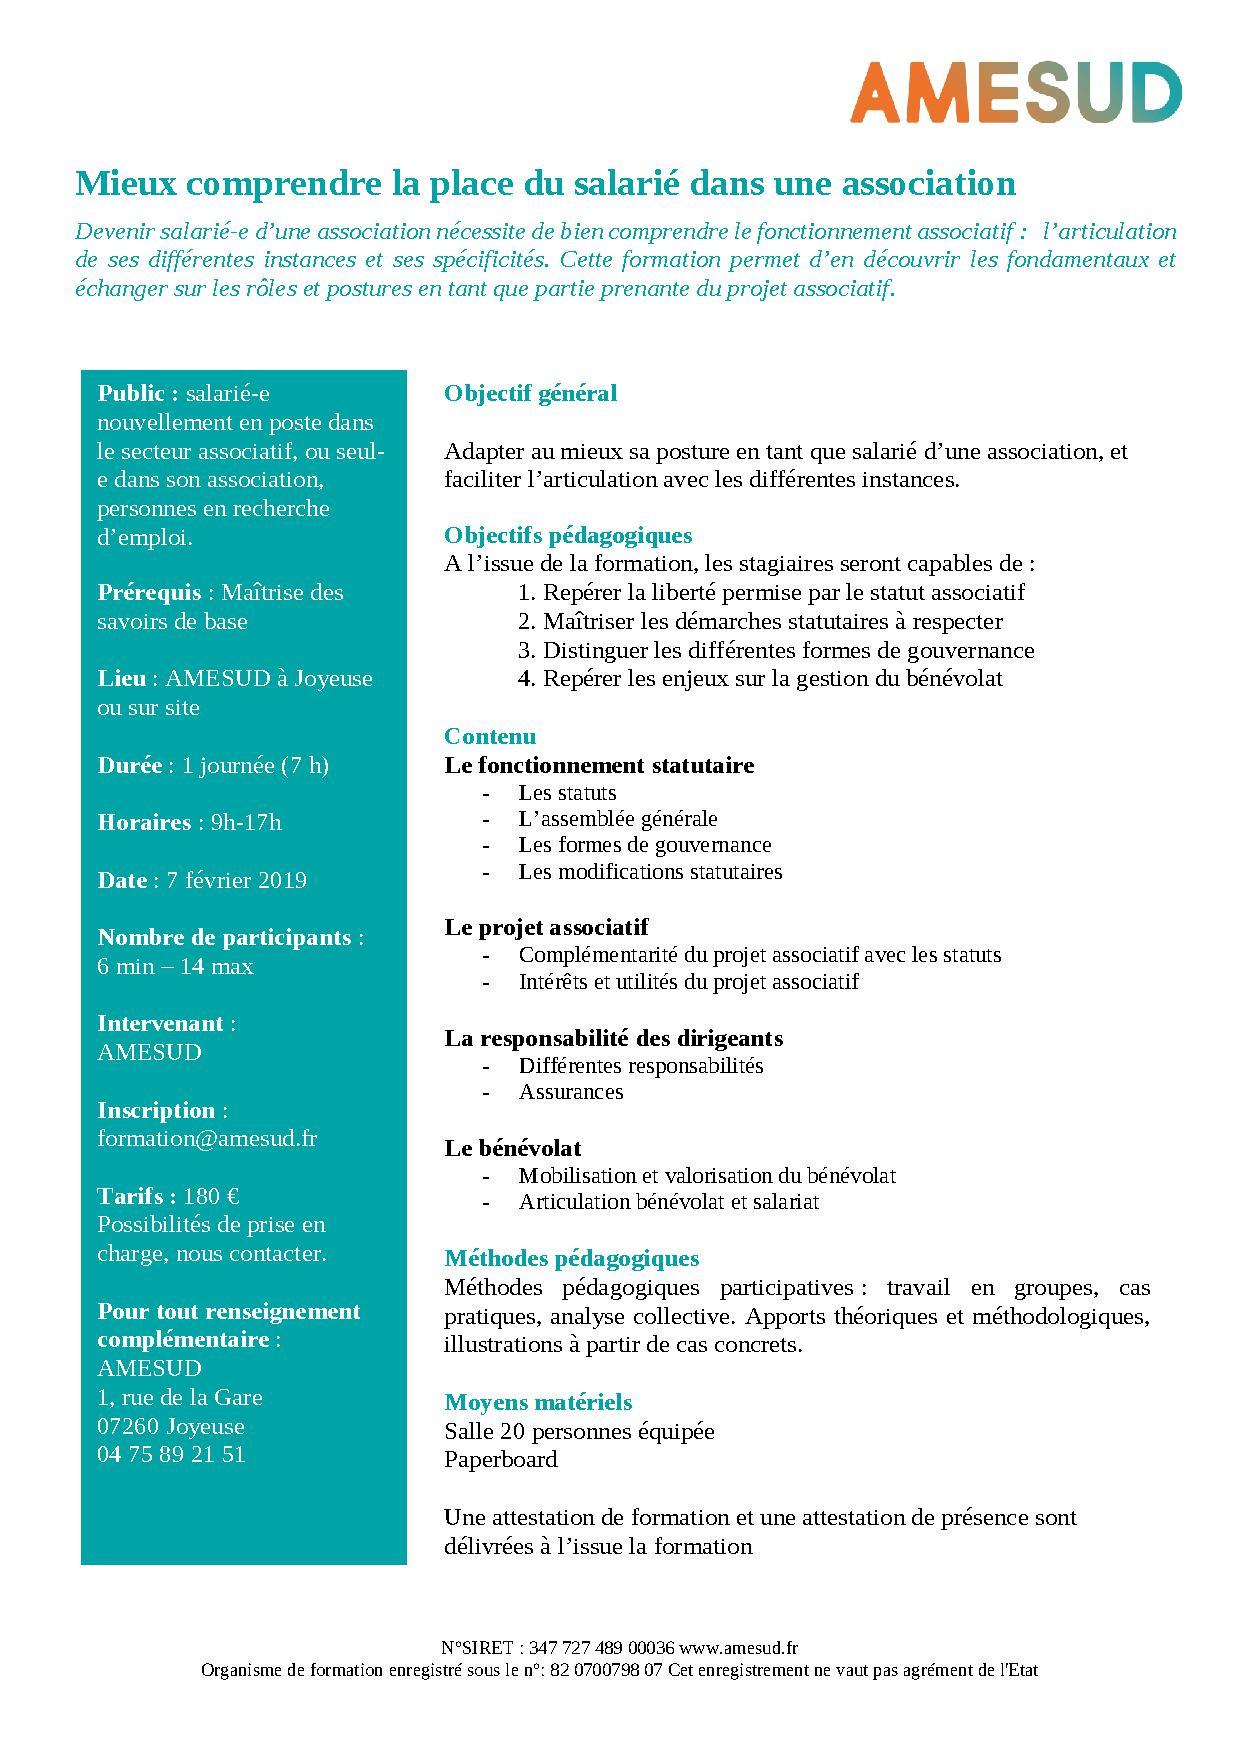 OF - Mieux comprendre la place du salarié dans une association @ AMESUD | Joyeuse | Auvergne-Rhône-Alpes | France